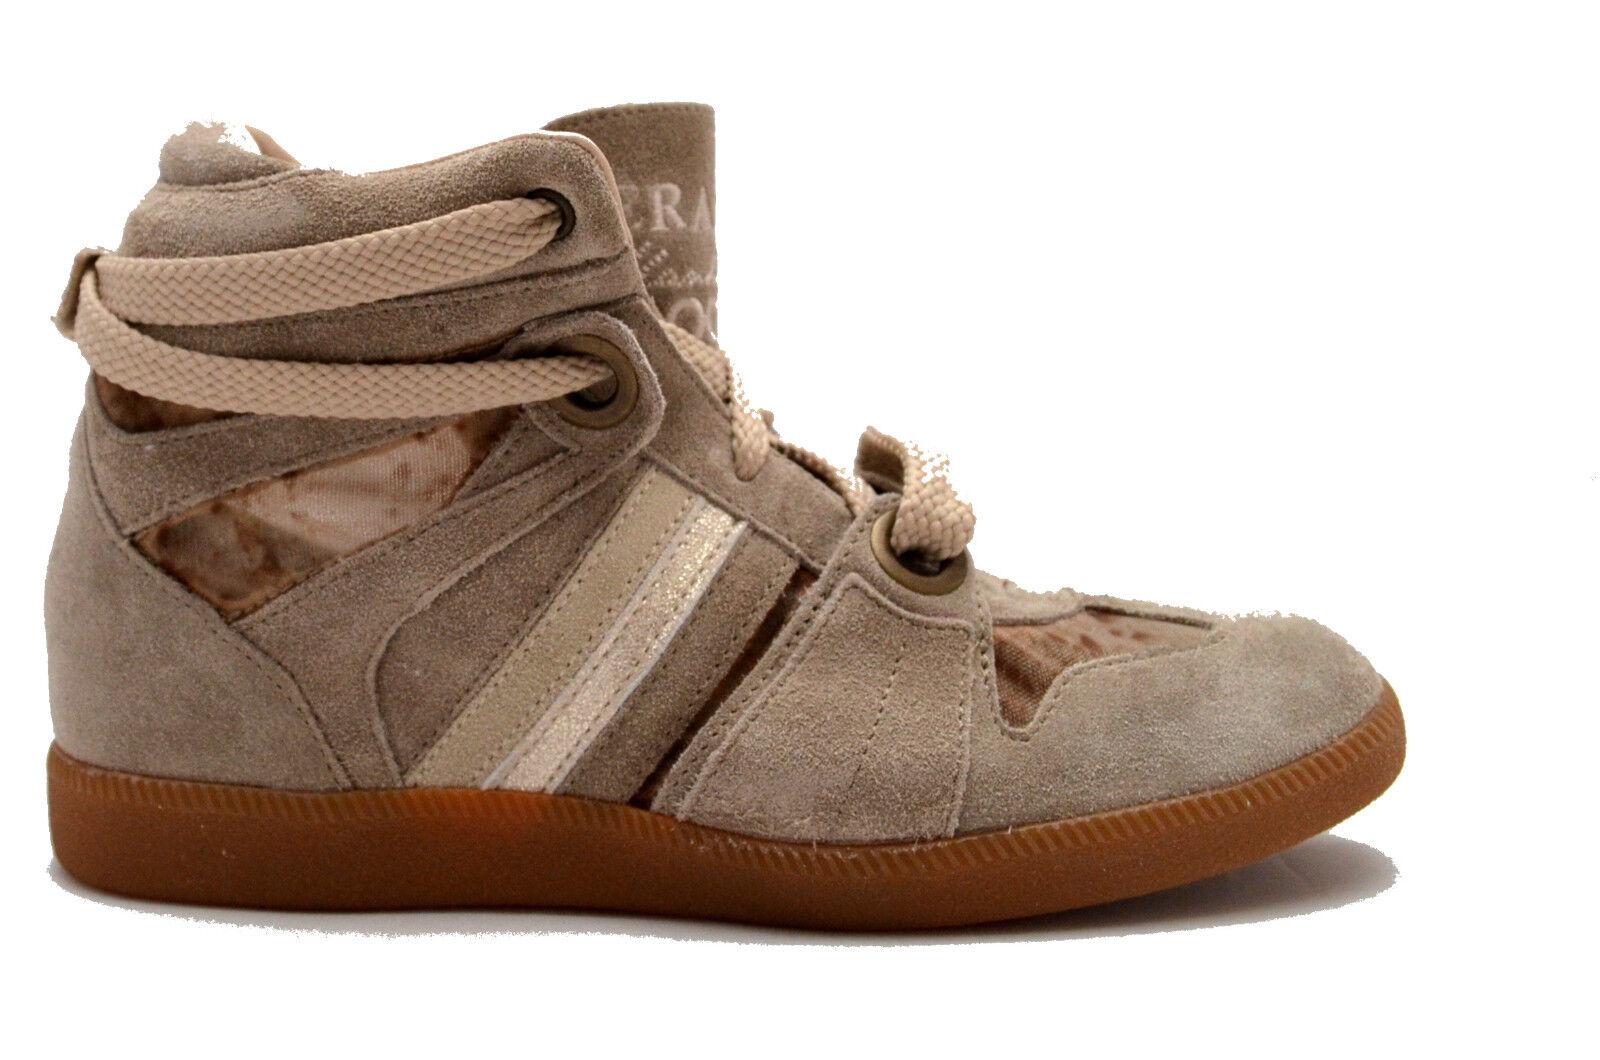 negozio outlet Serafini Serafini Serafini scarpe scarpe da ginnastica alte pelle scarpe Donna beige Zeppa interna donna 2752  compra nuovo economico